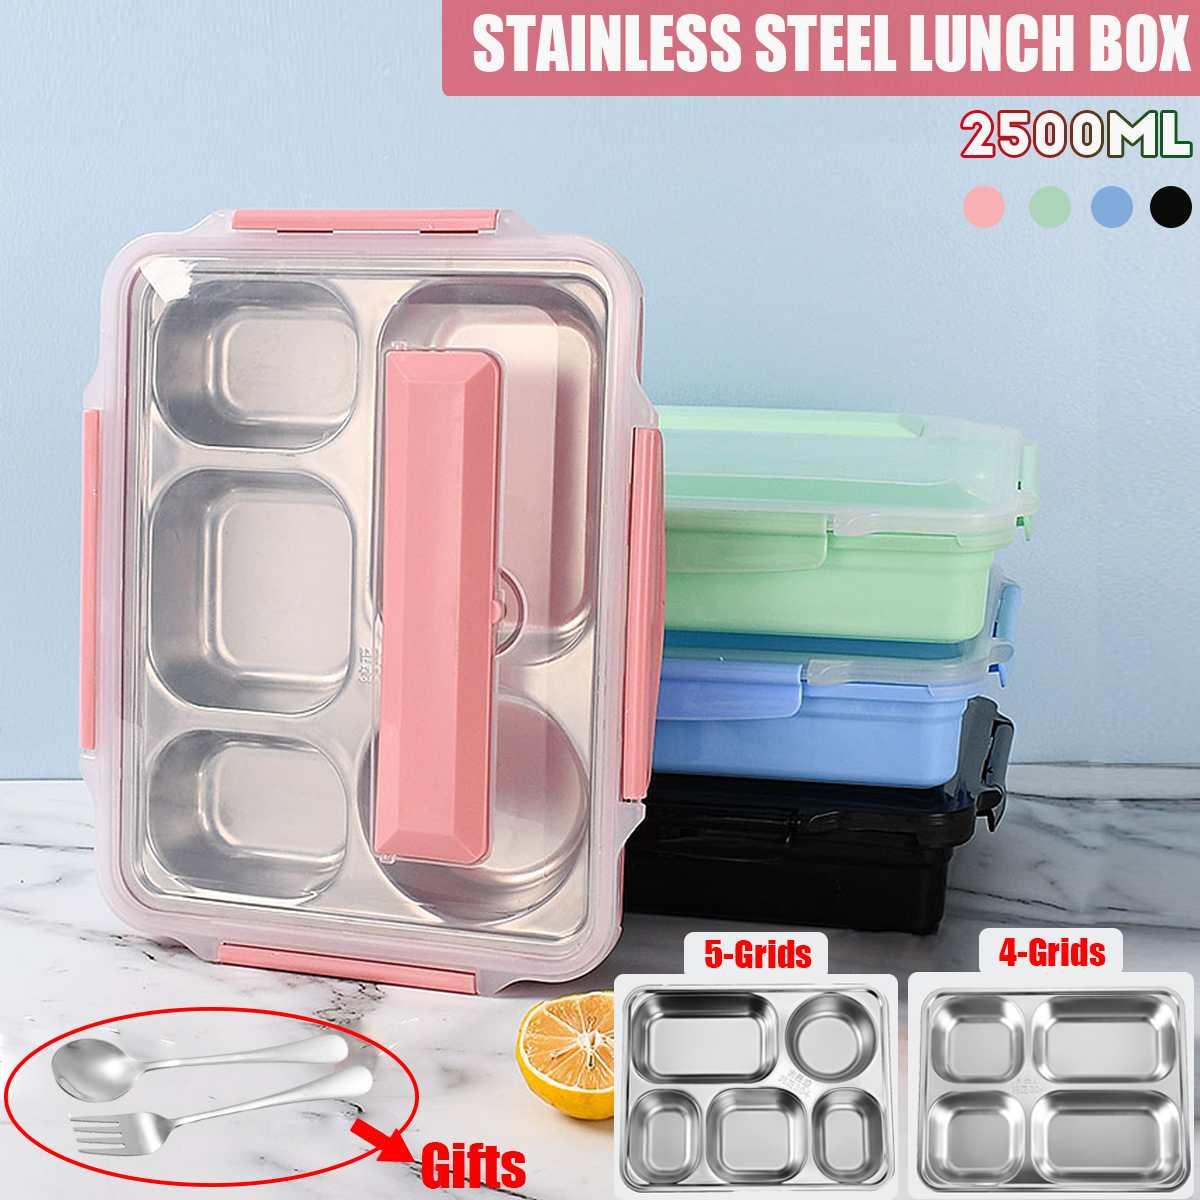 صندوق غداء بينتو محمول من الفولاذ المقاوم للصدأ مع حجرة طعام 4/5 ، صندوق غداء للمدرسة والمكتب